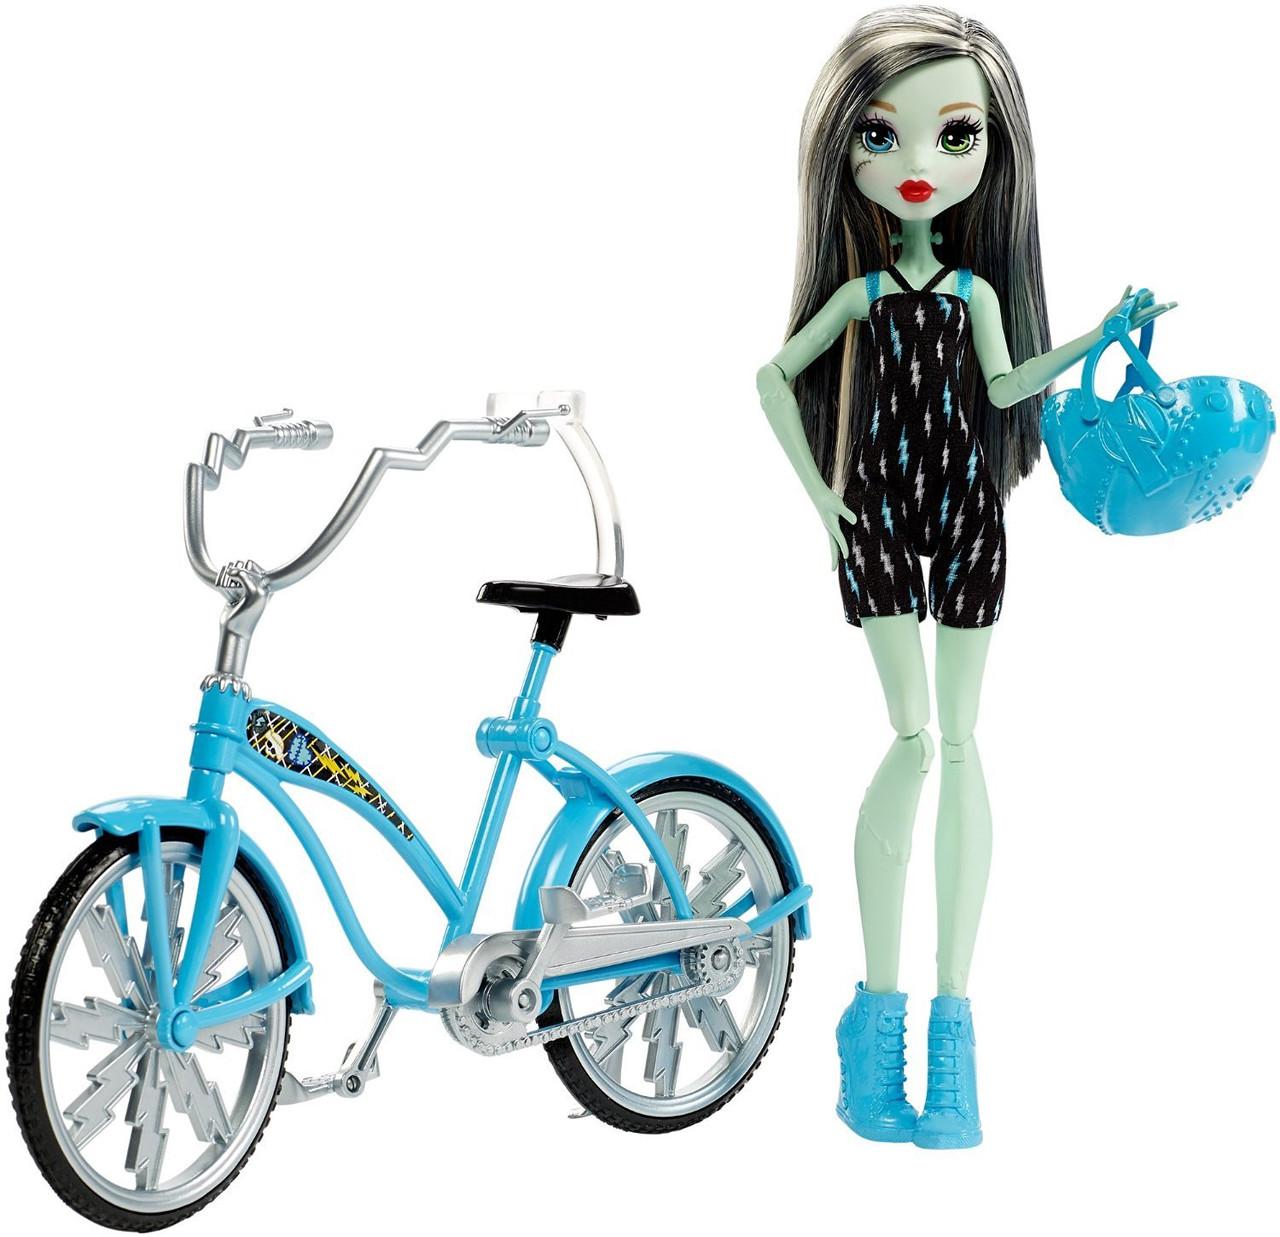 Кукла Монстер Хай Френки Штейн c велосипедом (Monster High Boltin' Bicycle Frankie Stein Doll & Vehicle)